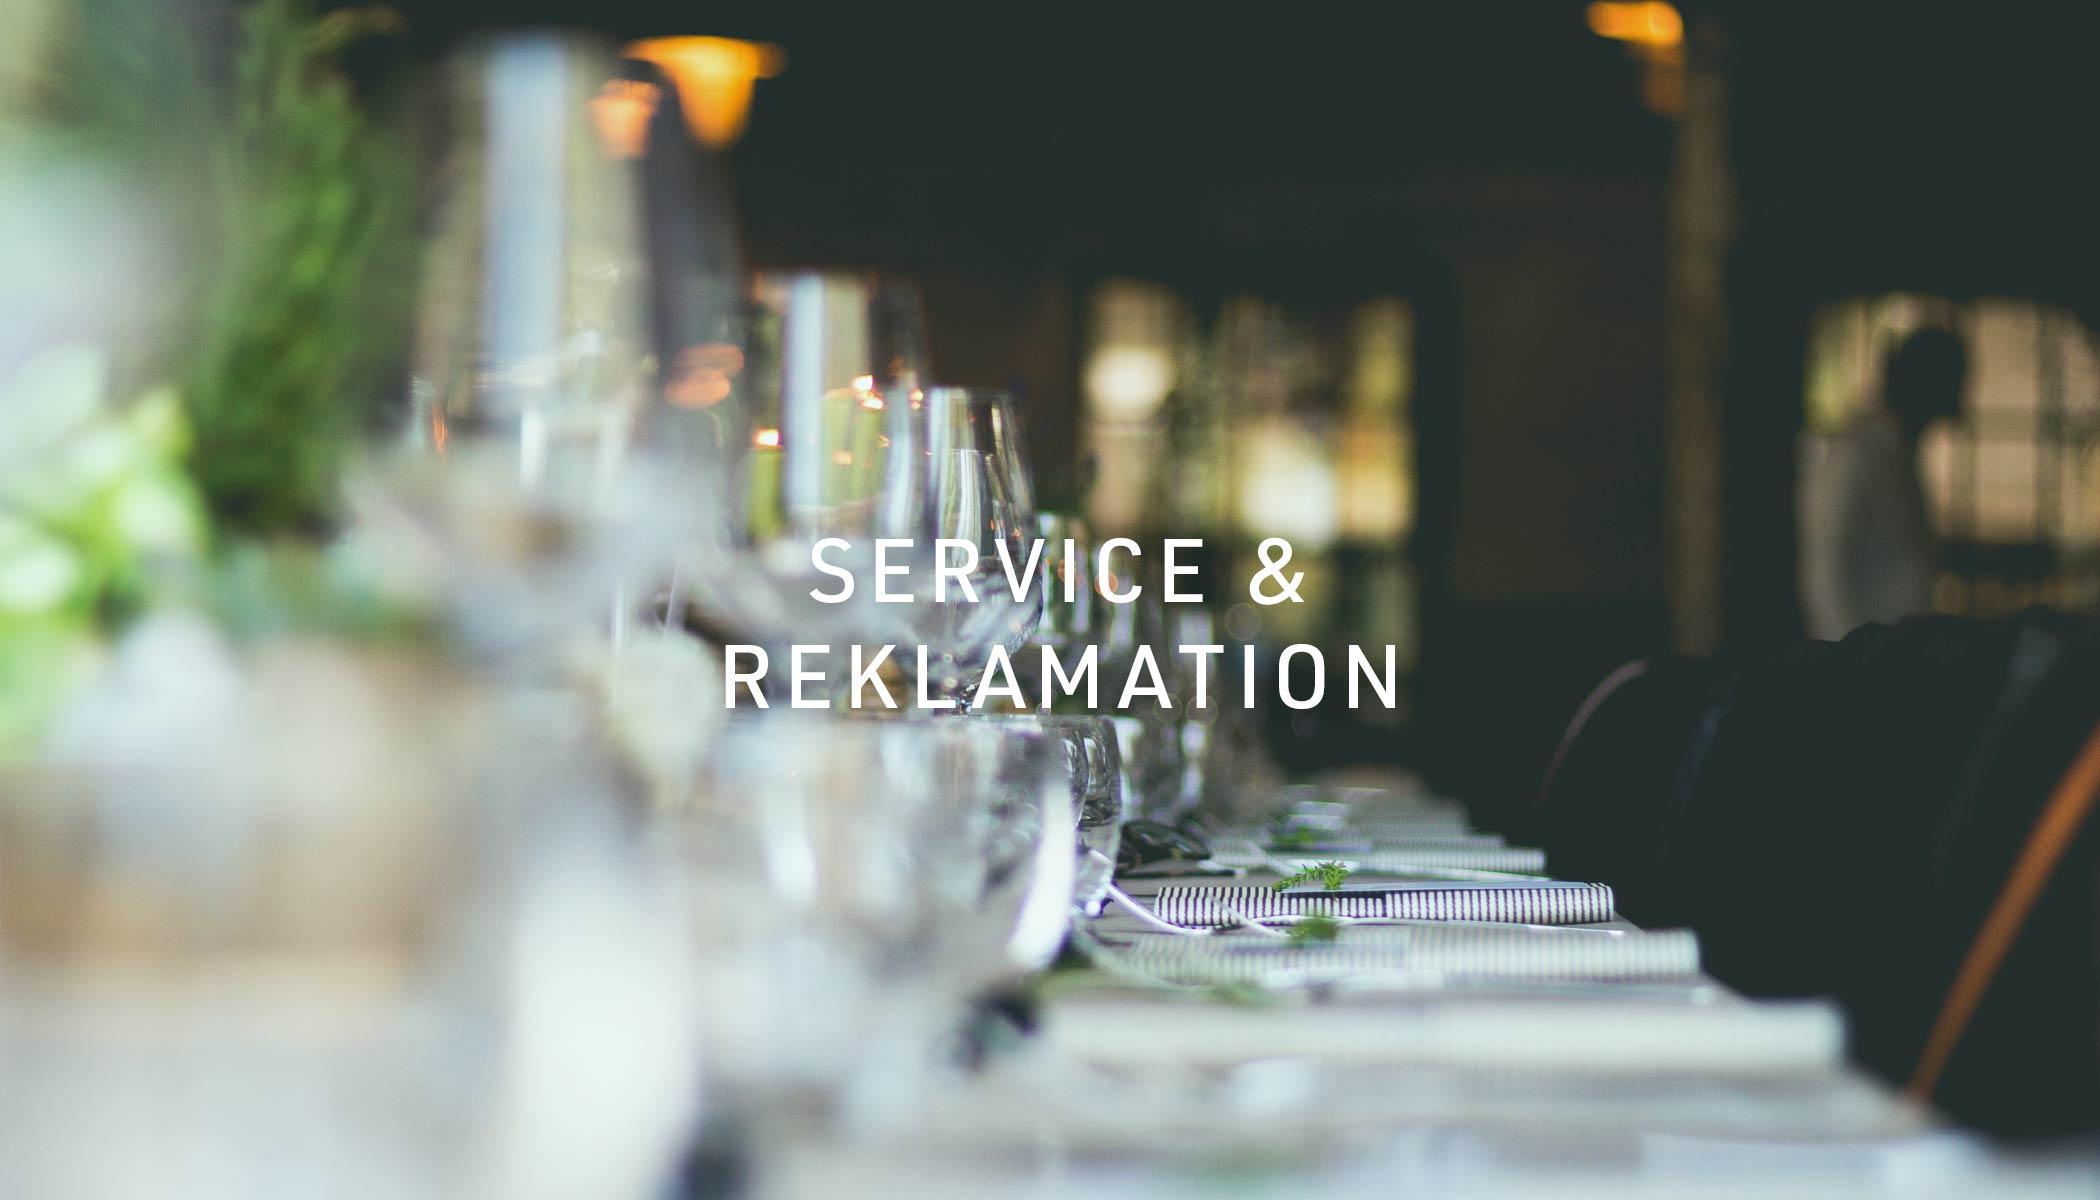 Service und Reklamation - wo beginnt der Service und wo hört der Spaß auf?